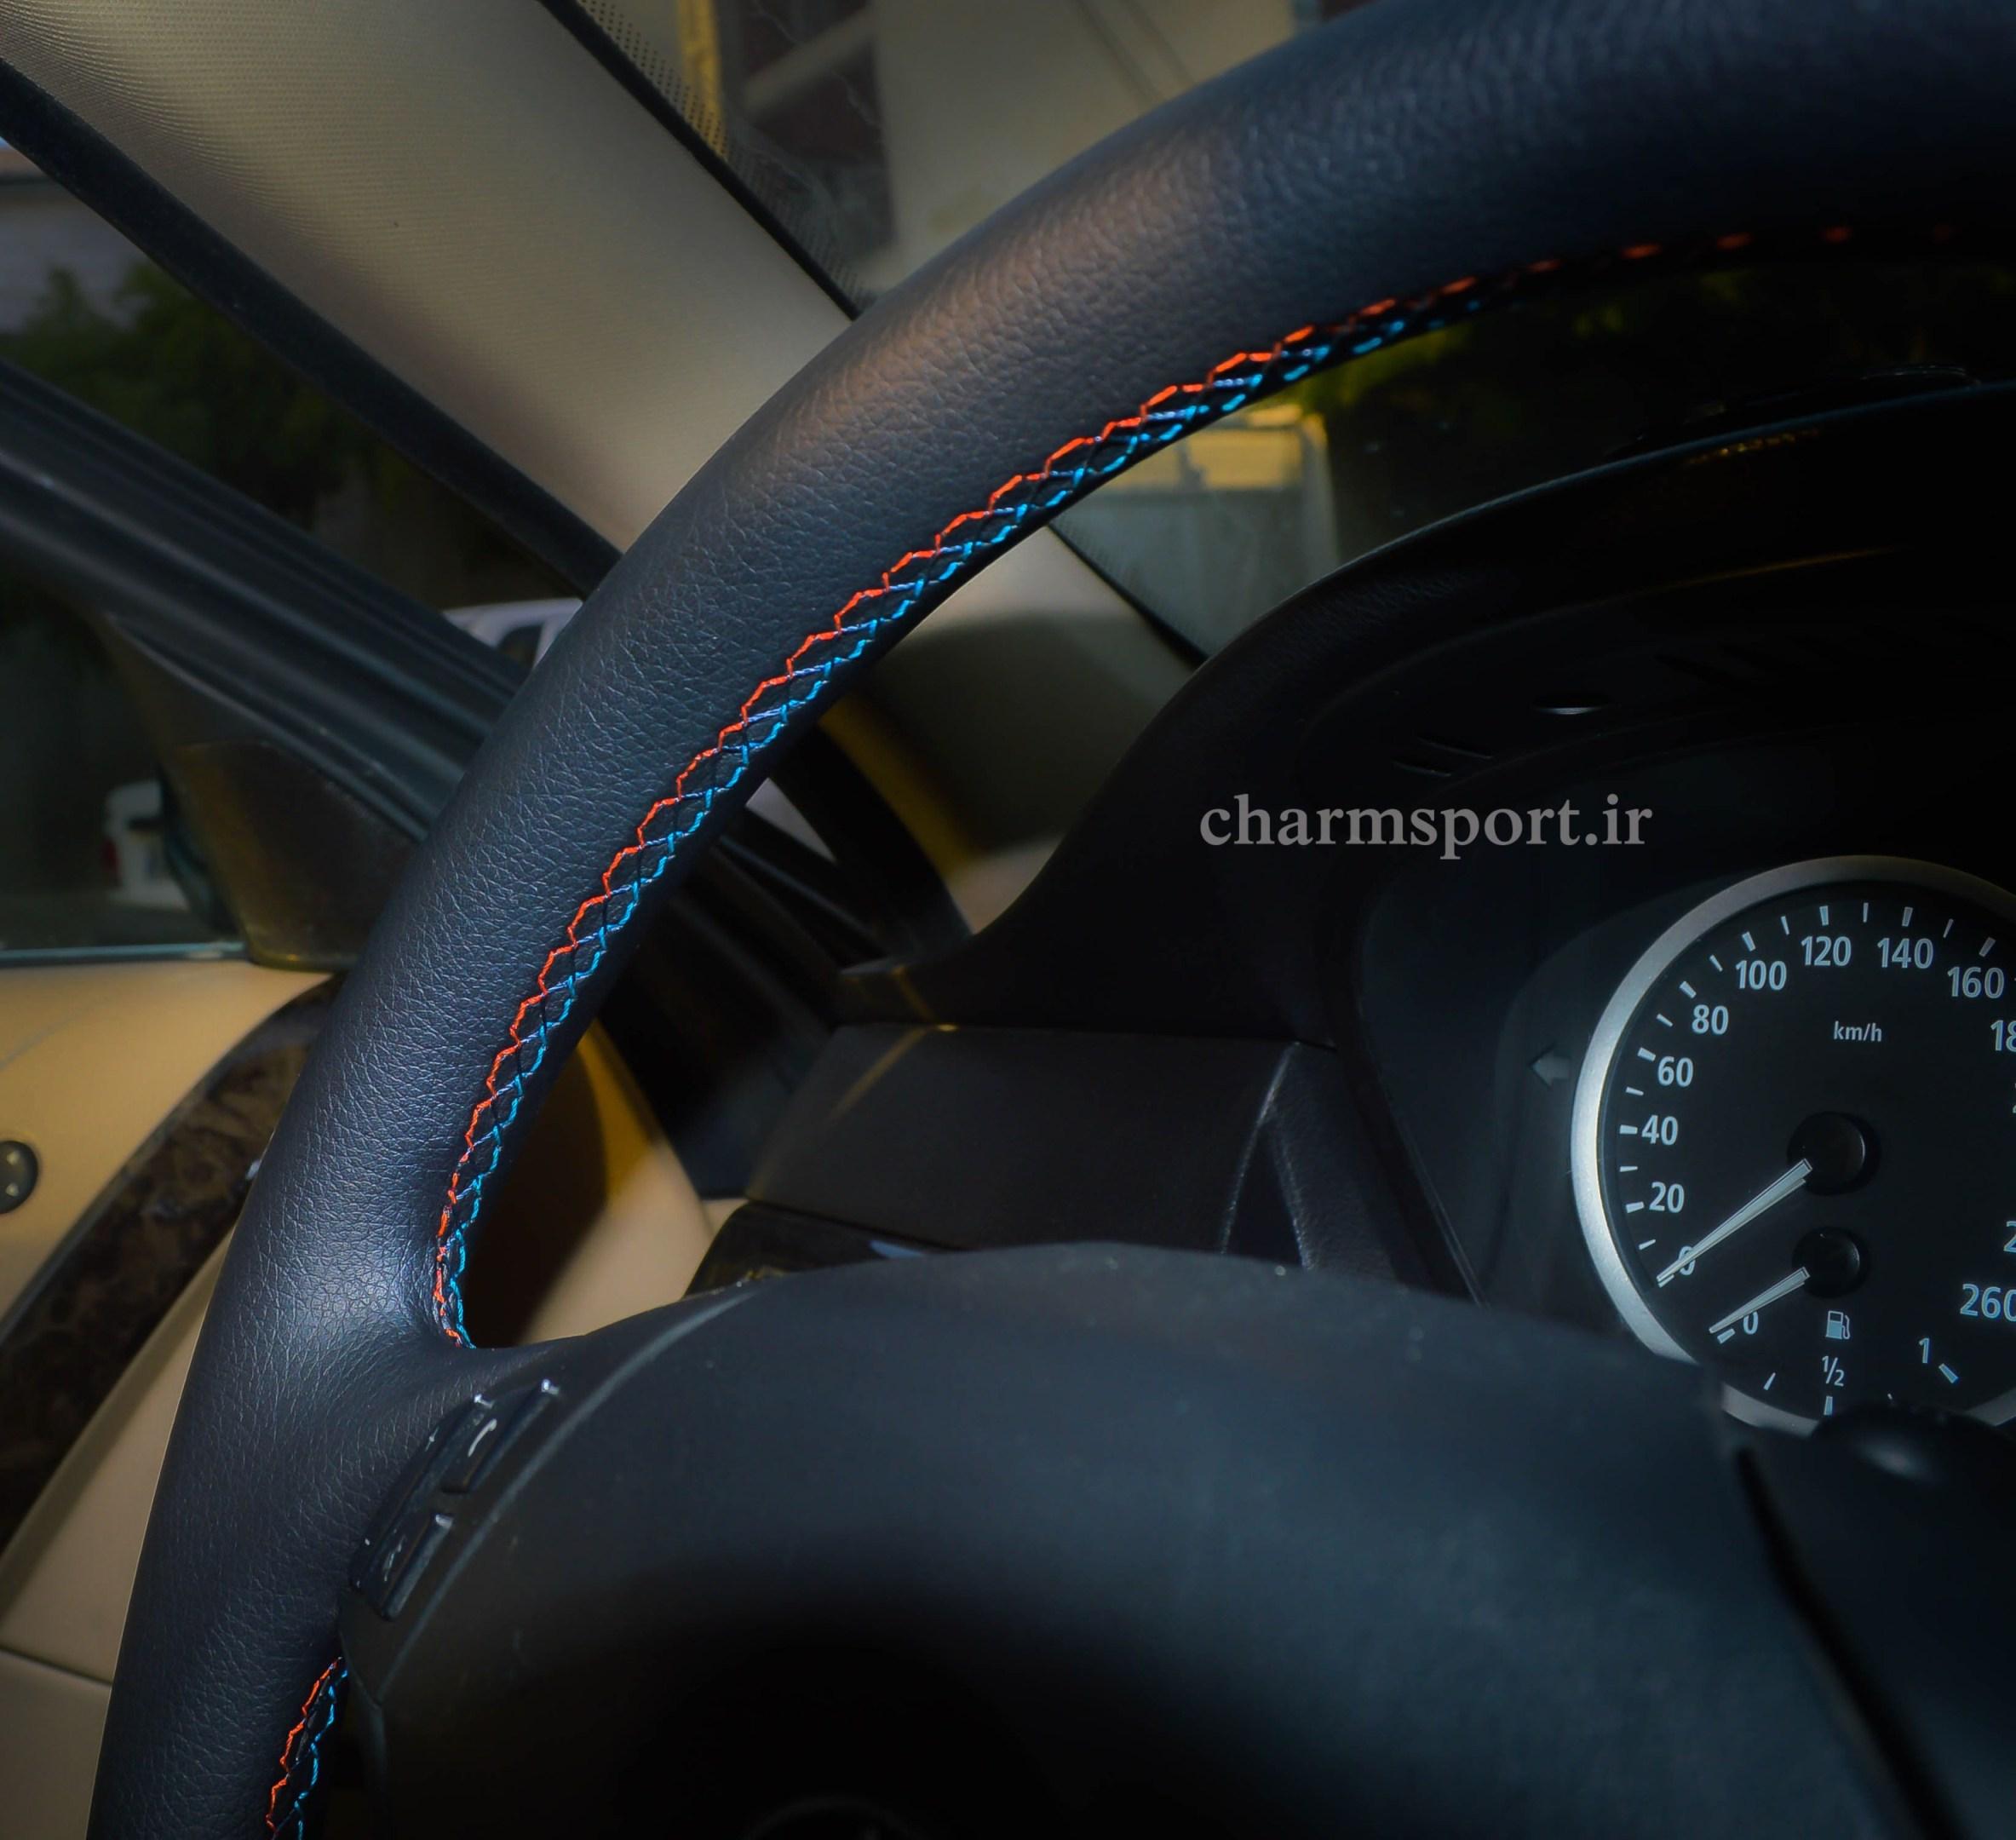 فشتو ویڈیو اموزش دوخت روکش صندلی ماشین